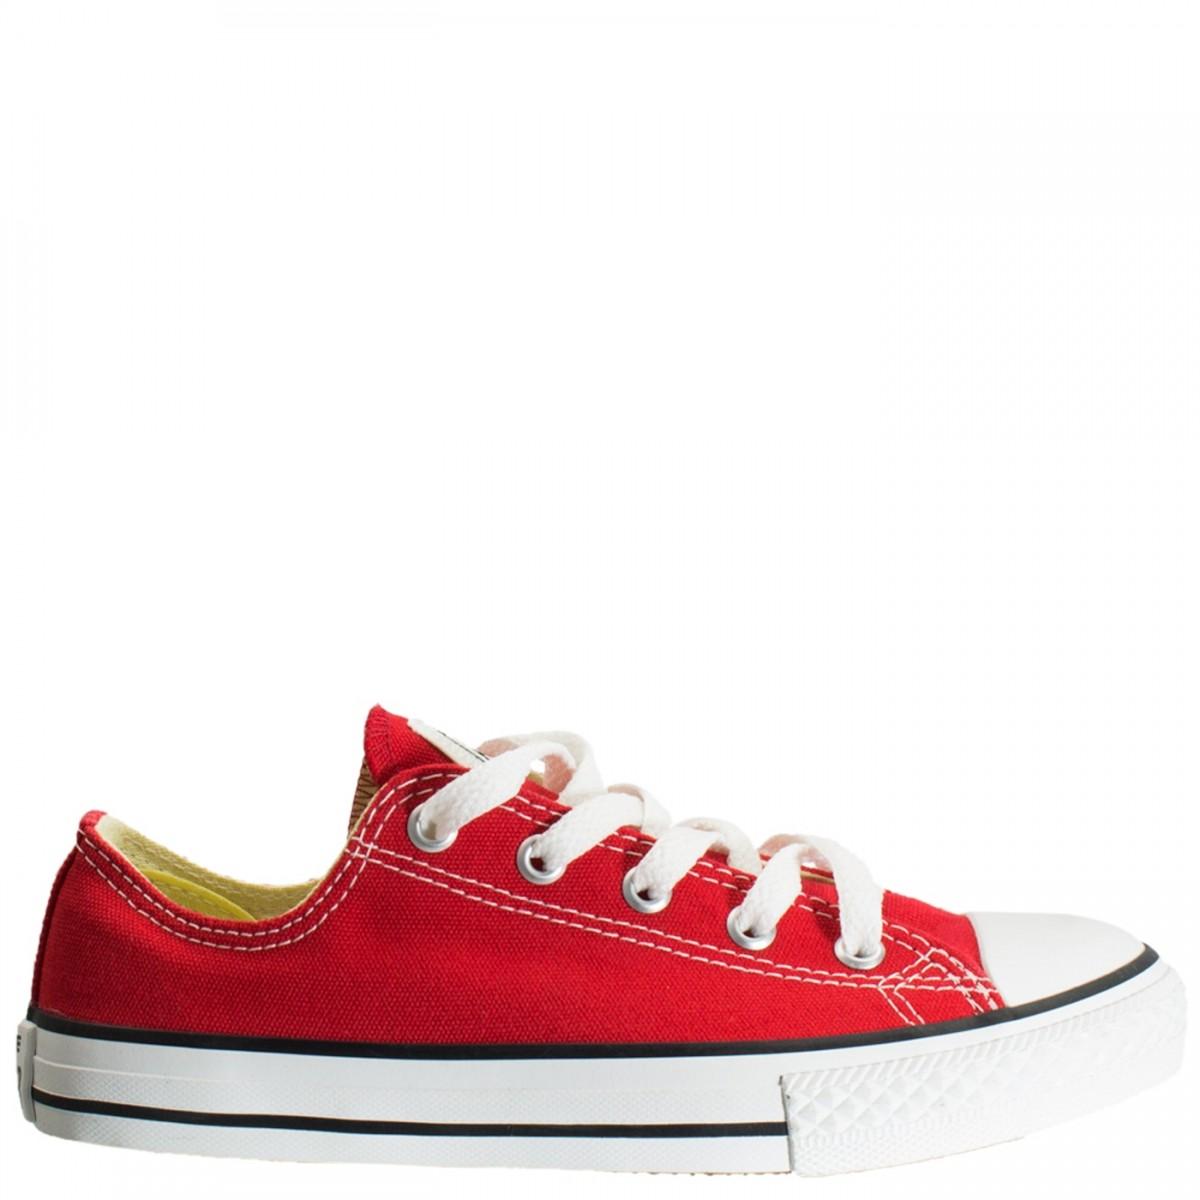 8e81684ebd Bizz Store - Tênis Infantil Converse All Star CT AS Core Vermelho